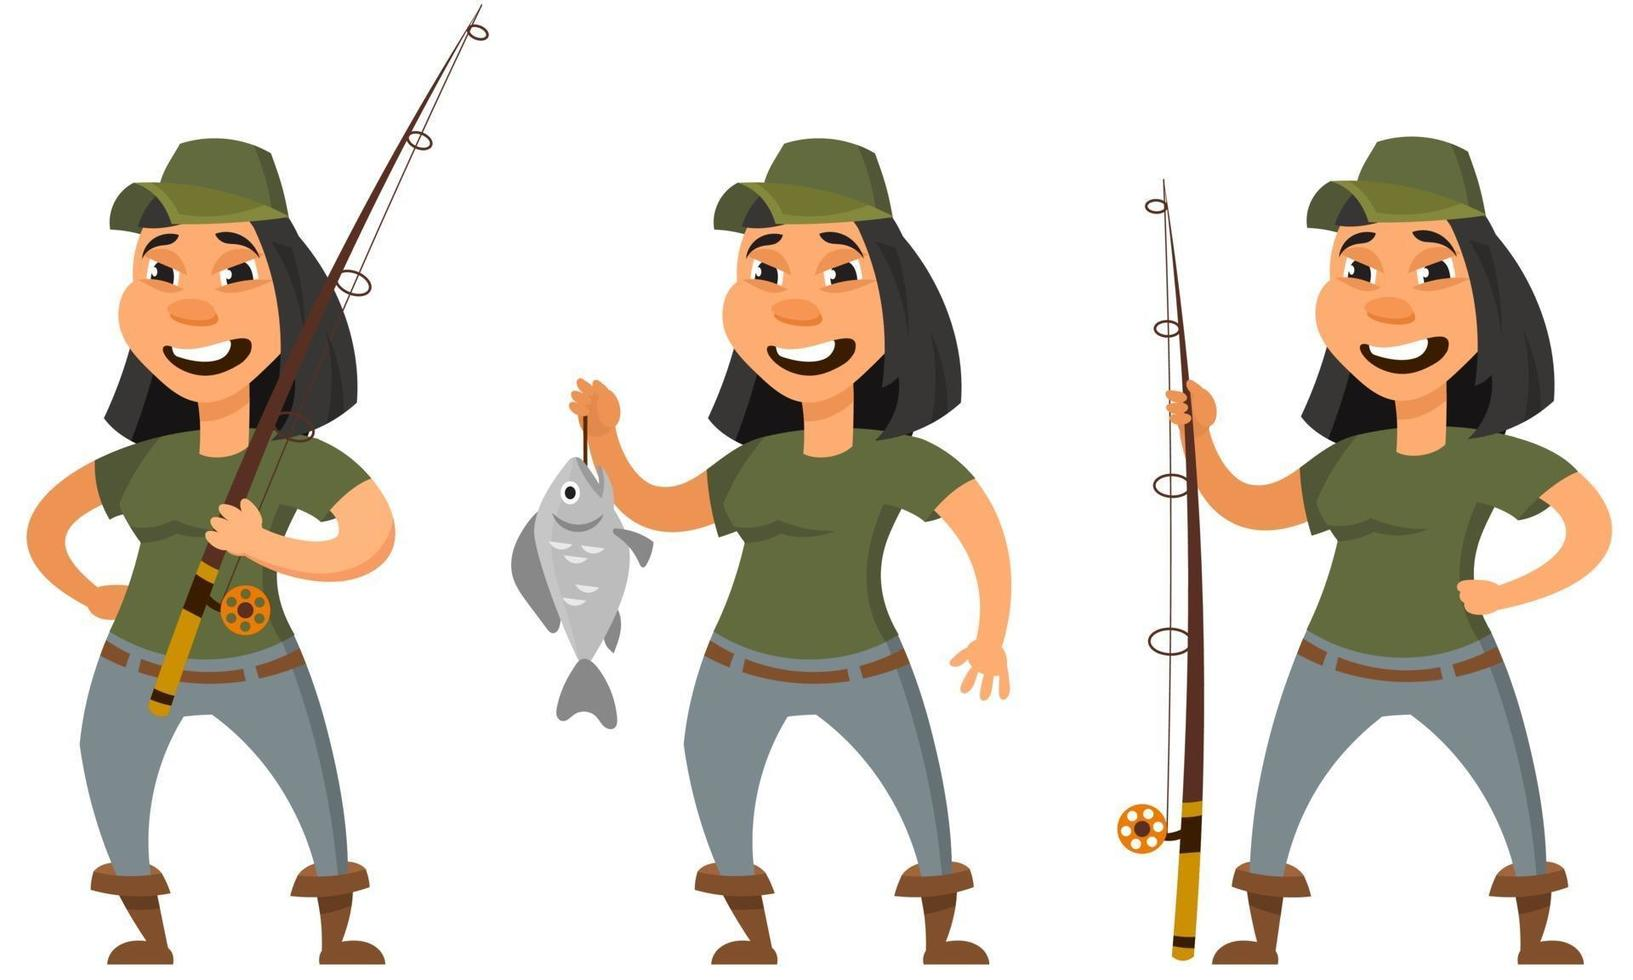 pescador em diferentes poses. personagem feminina em estilo cartoon. vetor